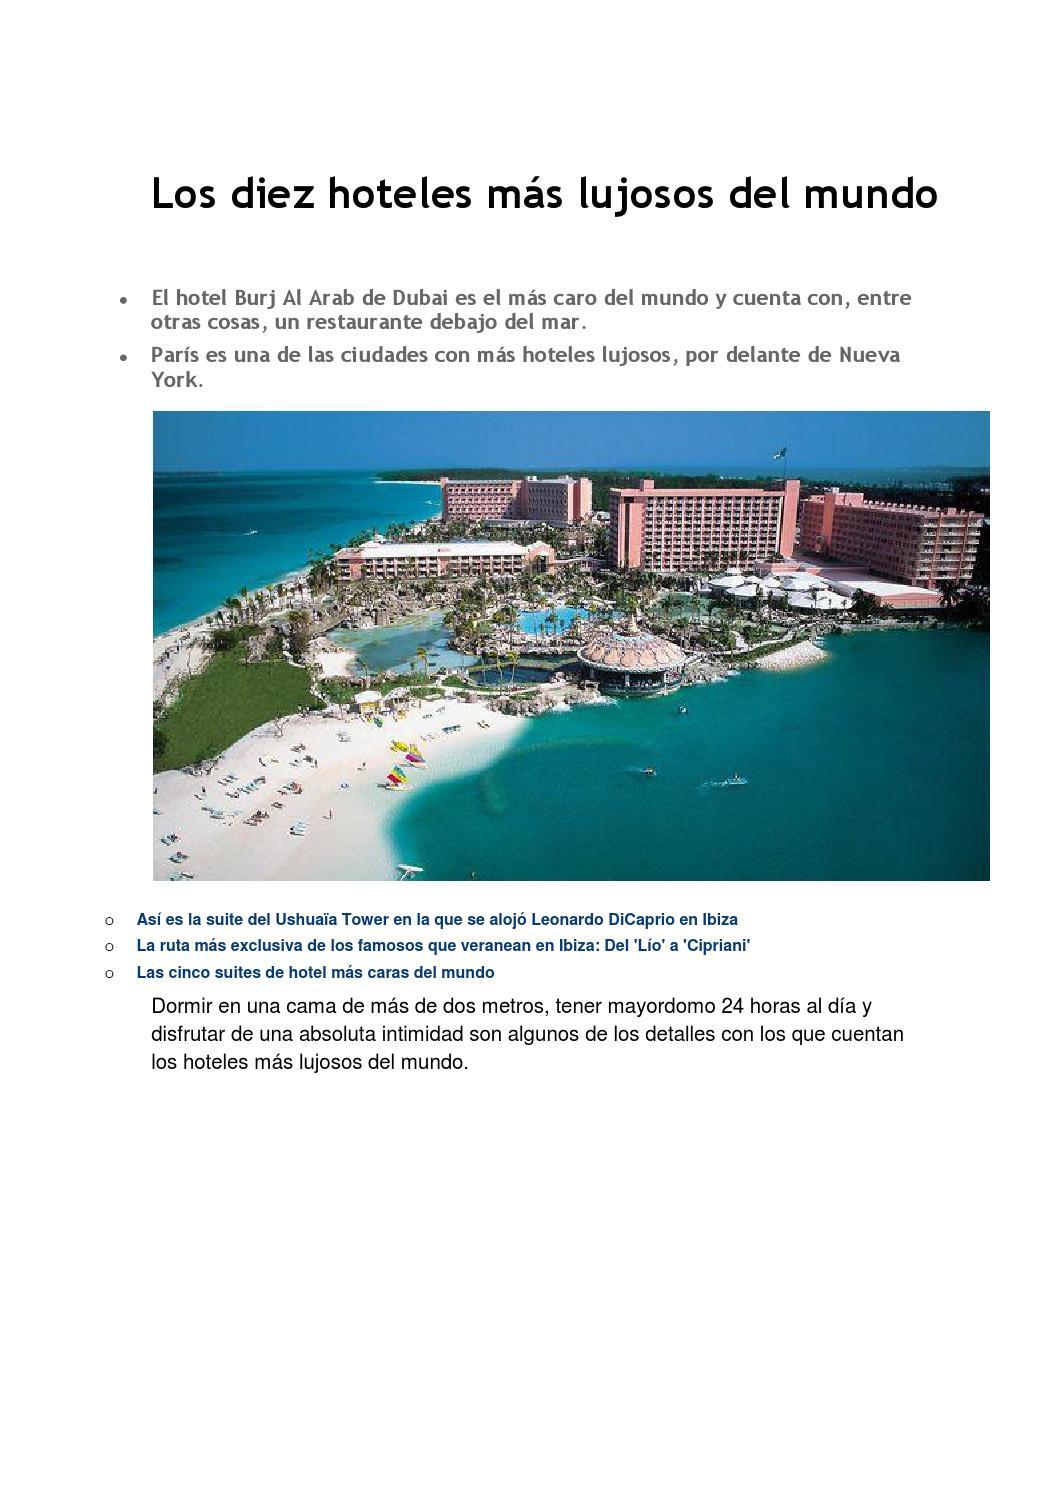 Los diez hoteles m s lujosos del mundo by sarayclara issuu for Hoteles mas lujosos del mundo bajo el mar